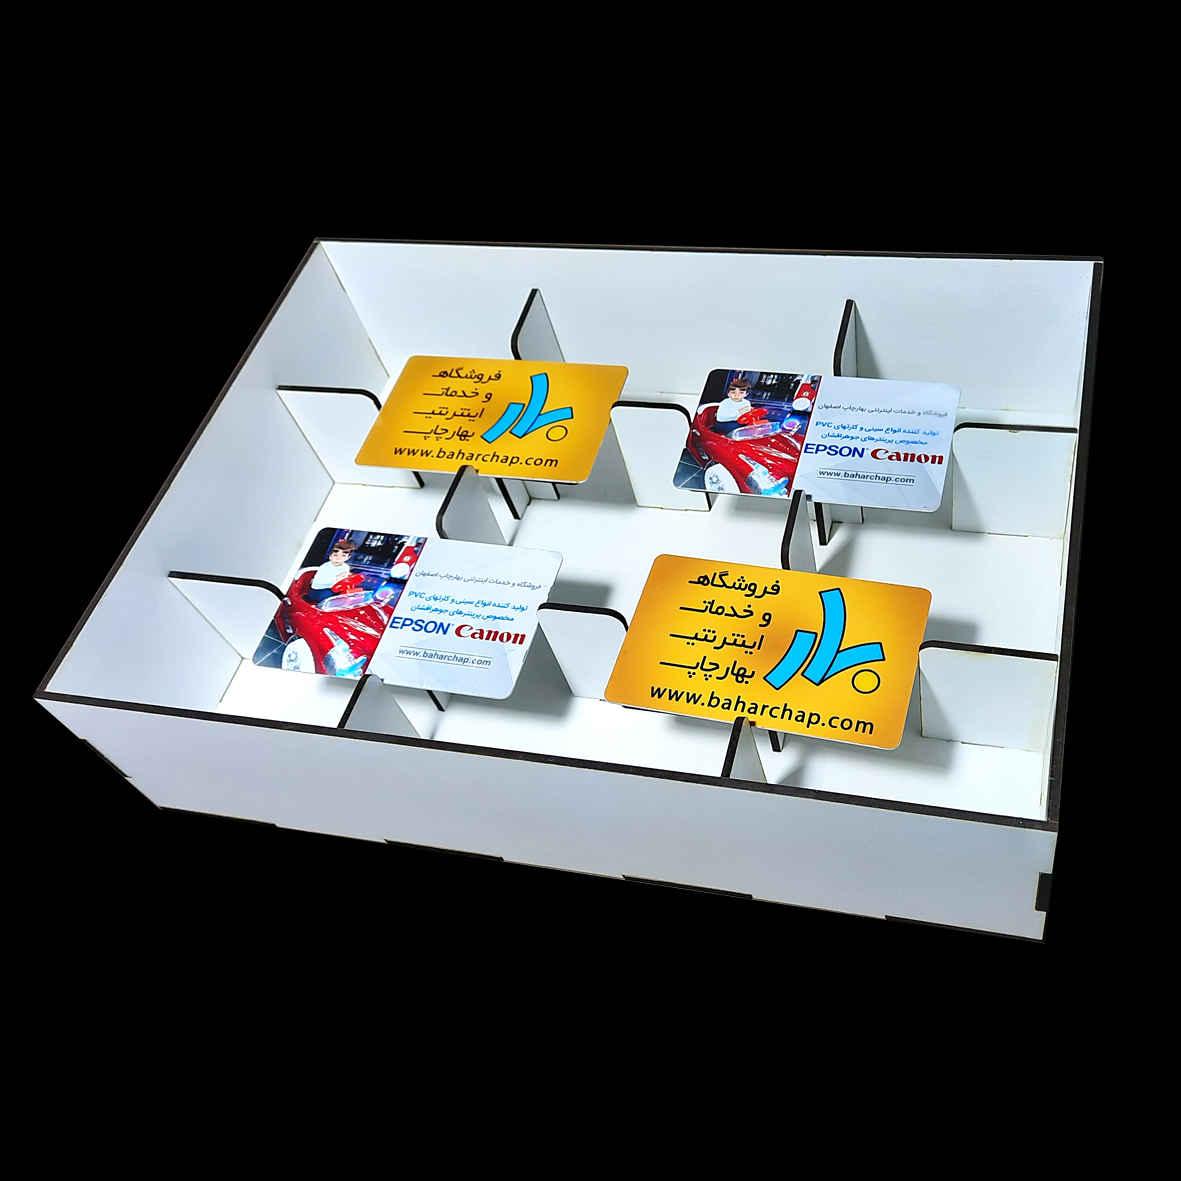 فروشگاه و خدمات اینترنتی بهارچاپ اصفهان-باکس اسپری کارت PVC چهارعددی CR80-SPRAY BOX FOR INKJET PVC DARS